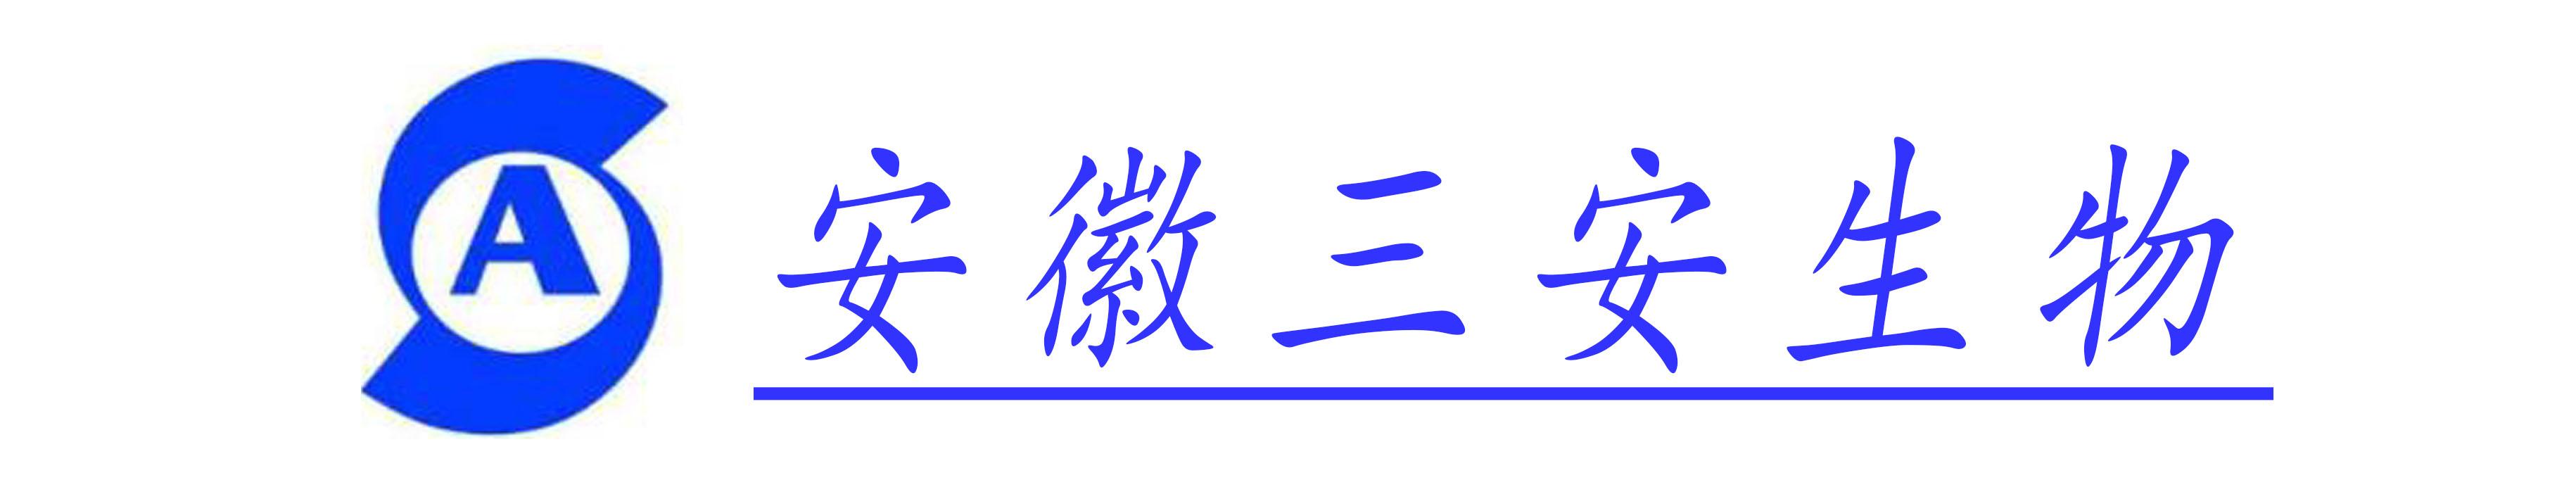 安徽省三安生物科技有限公司